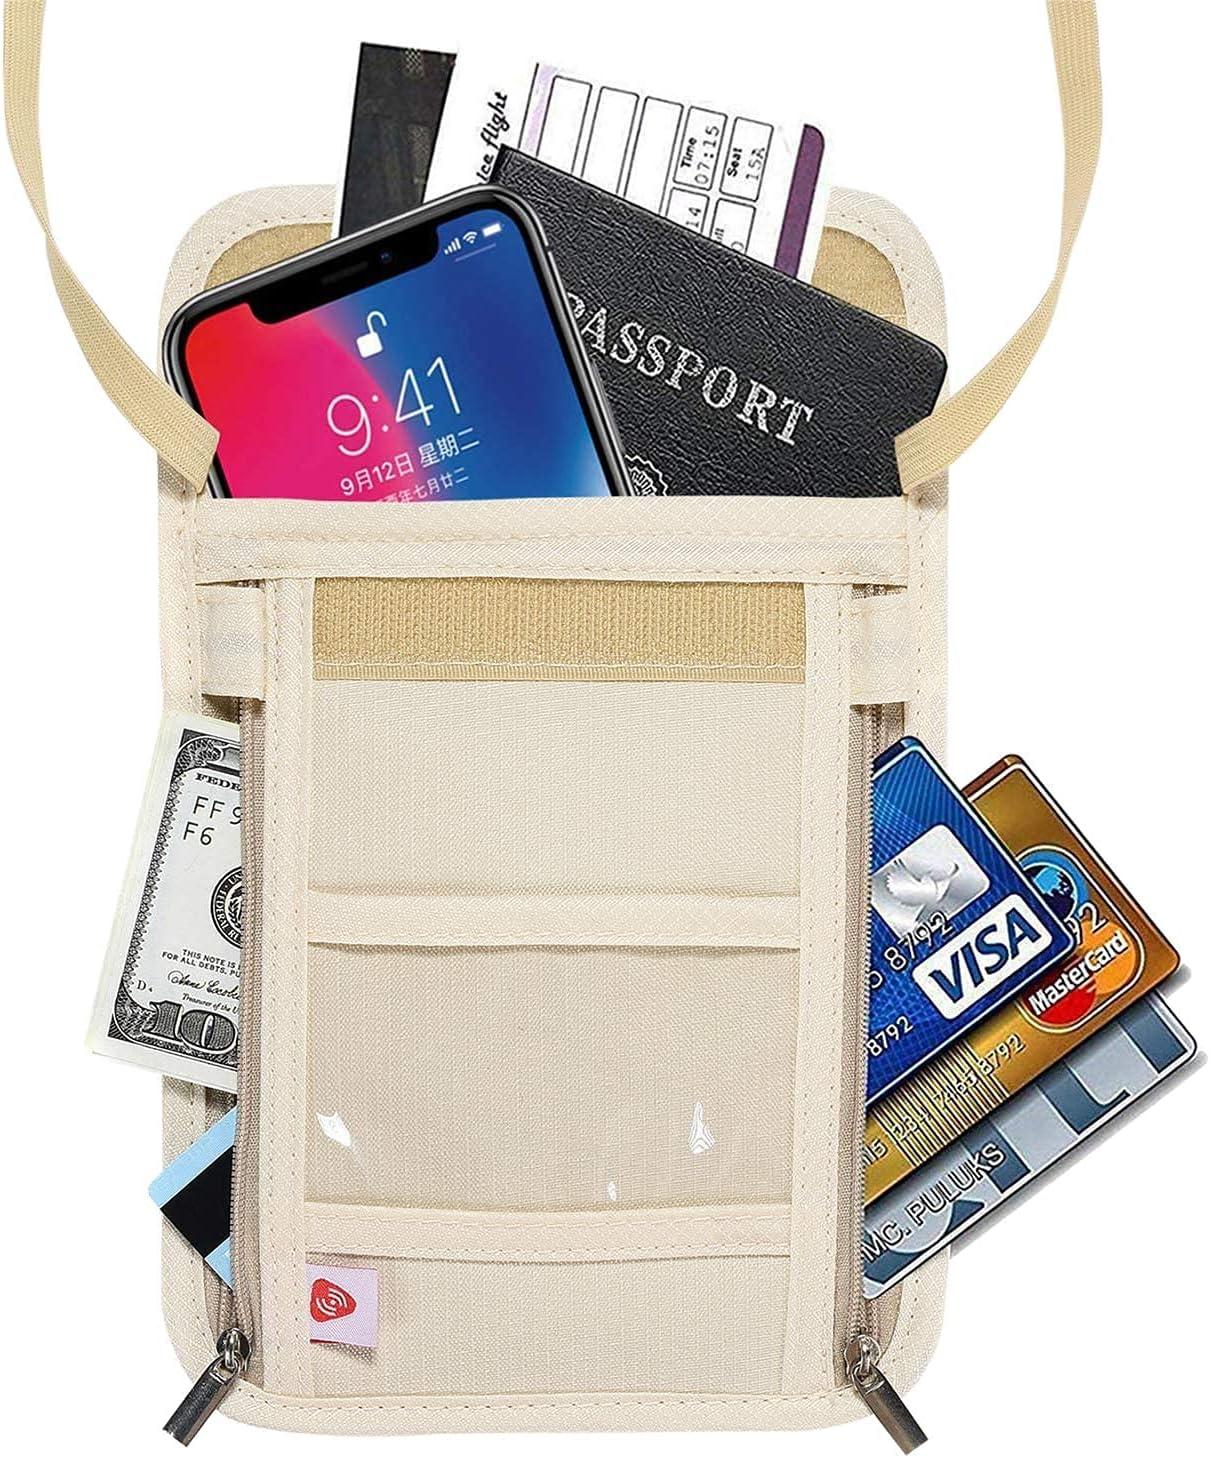 AIKELIDA Passport Holder Max 73% [Alternative dealer] OFF Neck Wallet with Pouch Organizer Travel